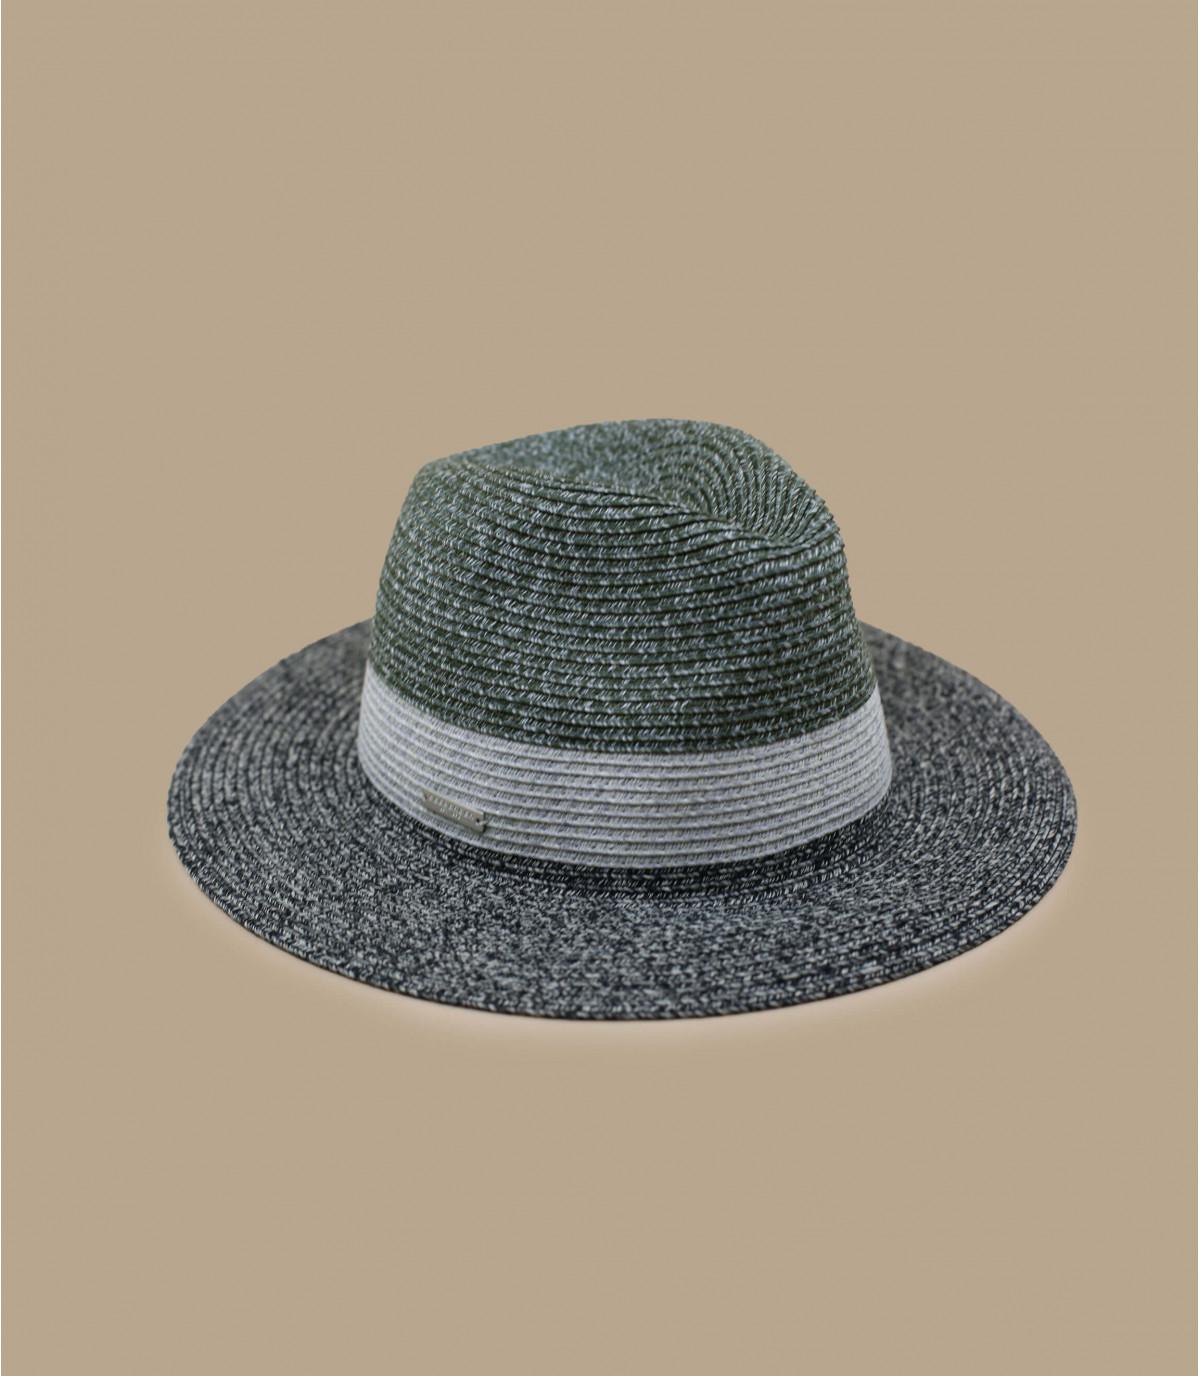 chapeau paille noir rayure grise